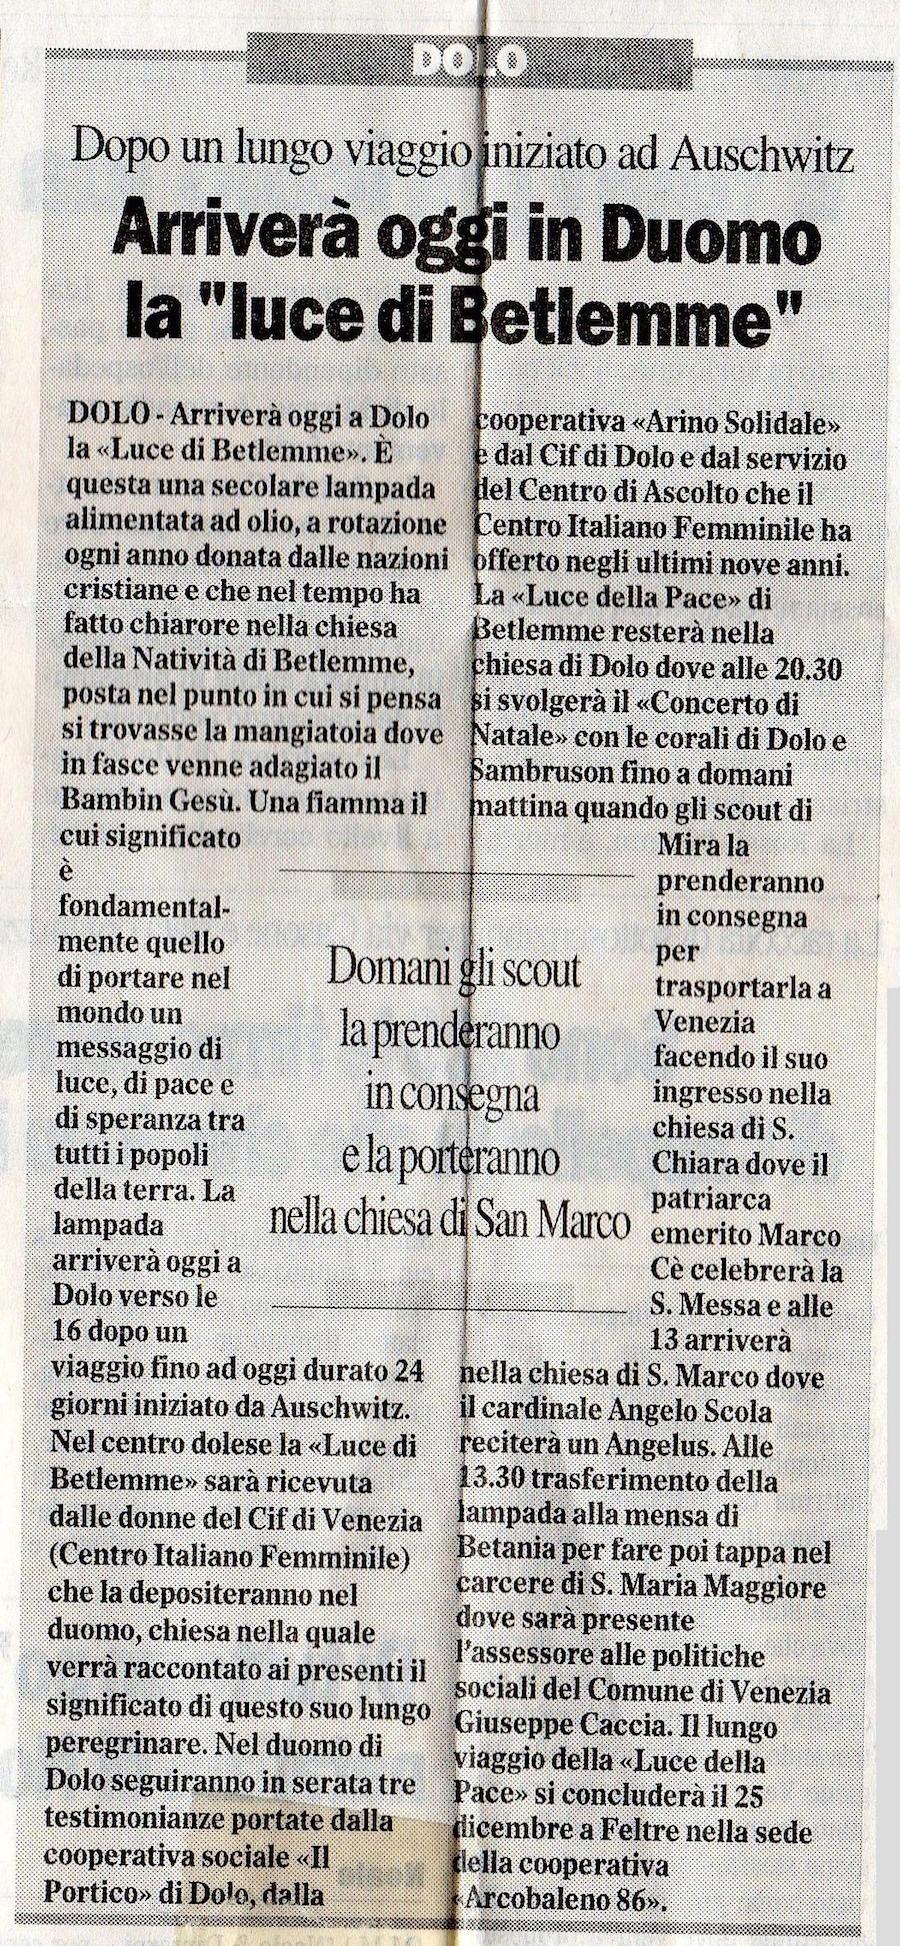 2004.12.21 Il Gazzettino di Venezia (p. 15)